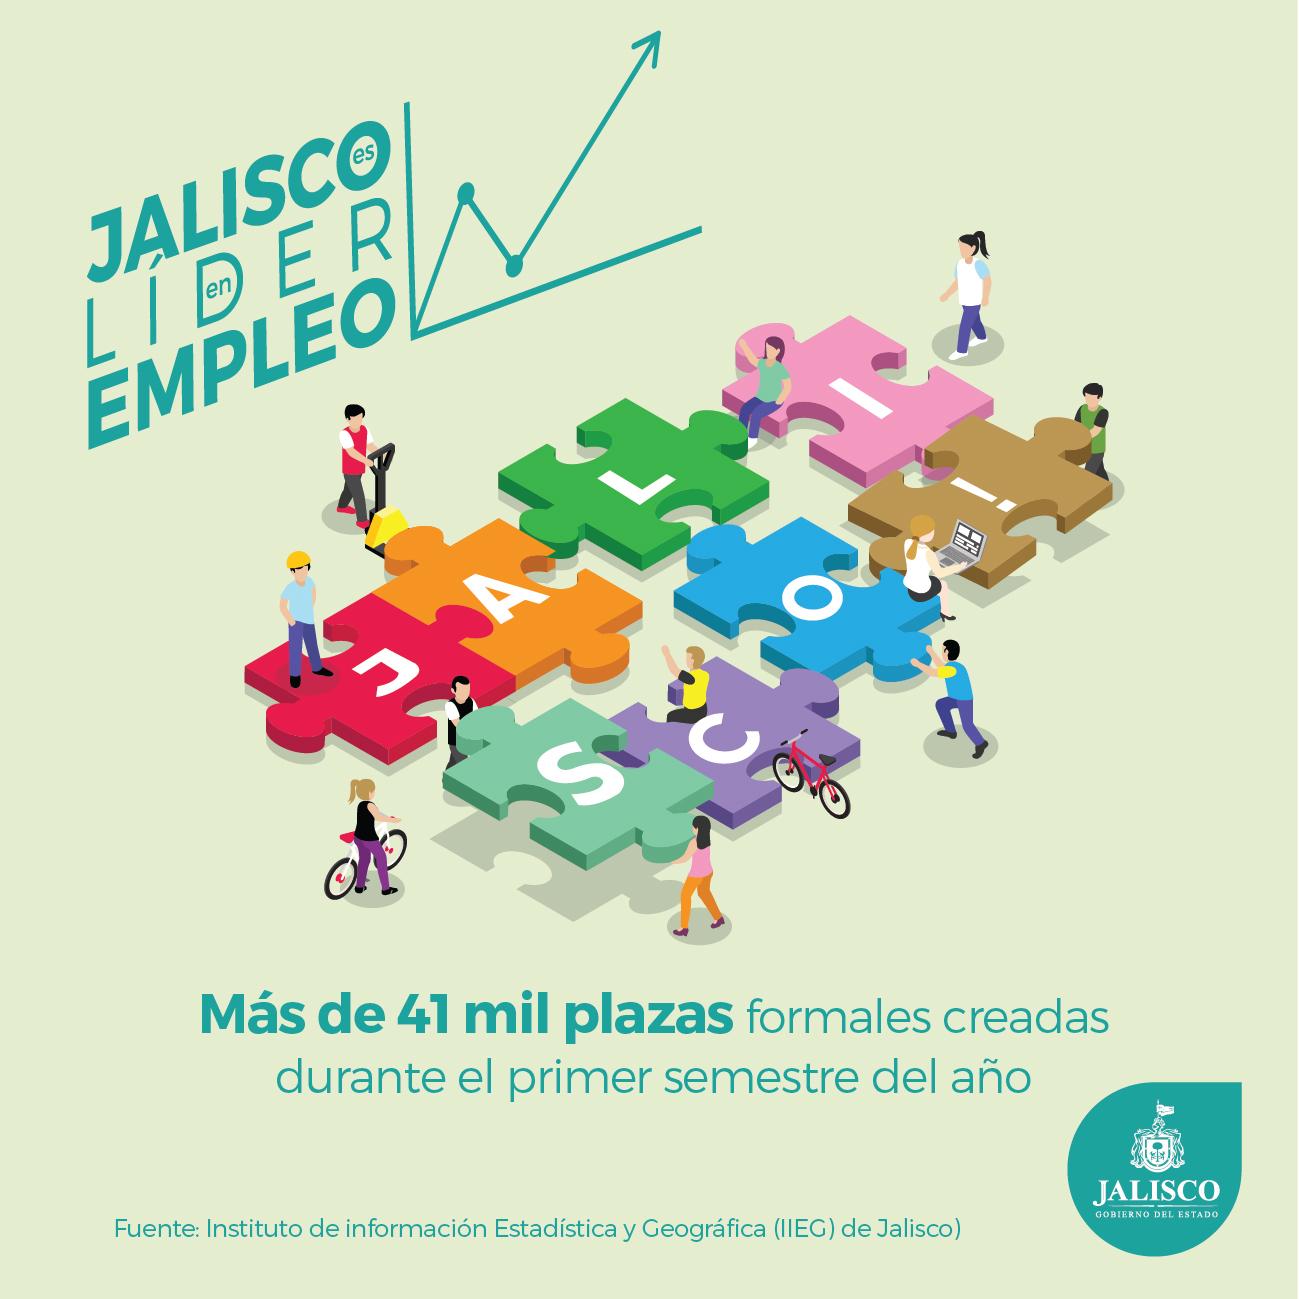 Jalisco Líder en Empleo, más de 41 mil plazas formales creadas en el primer semestre de 2016